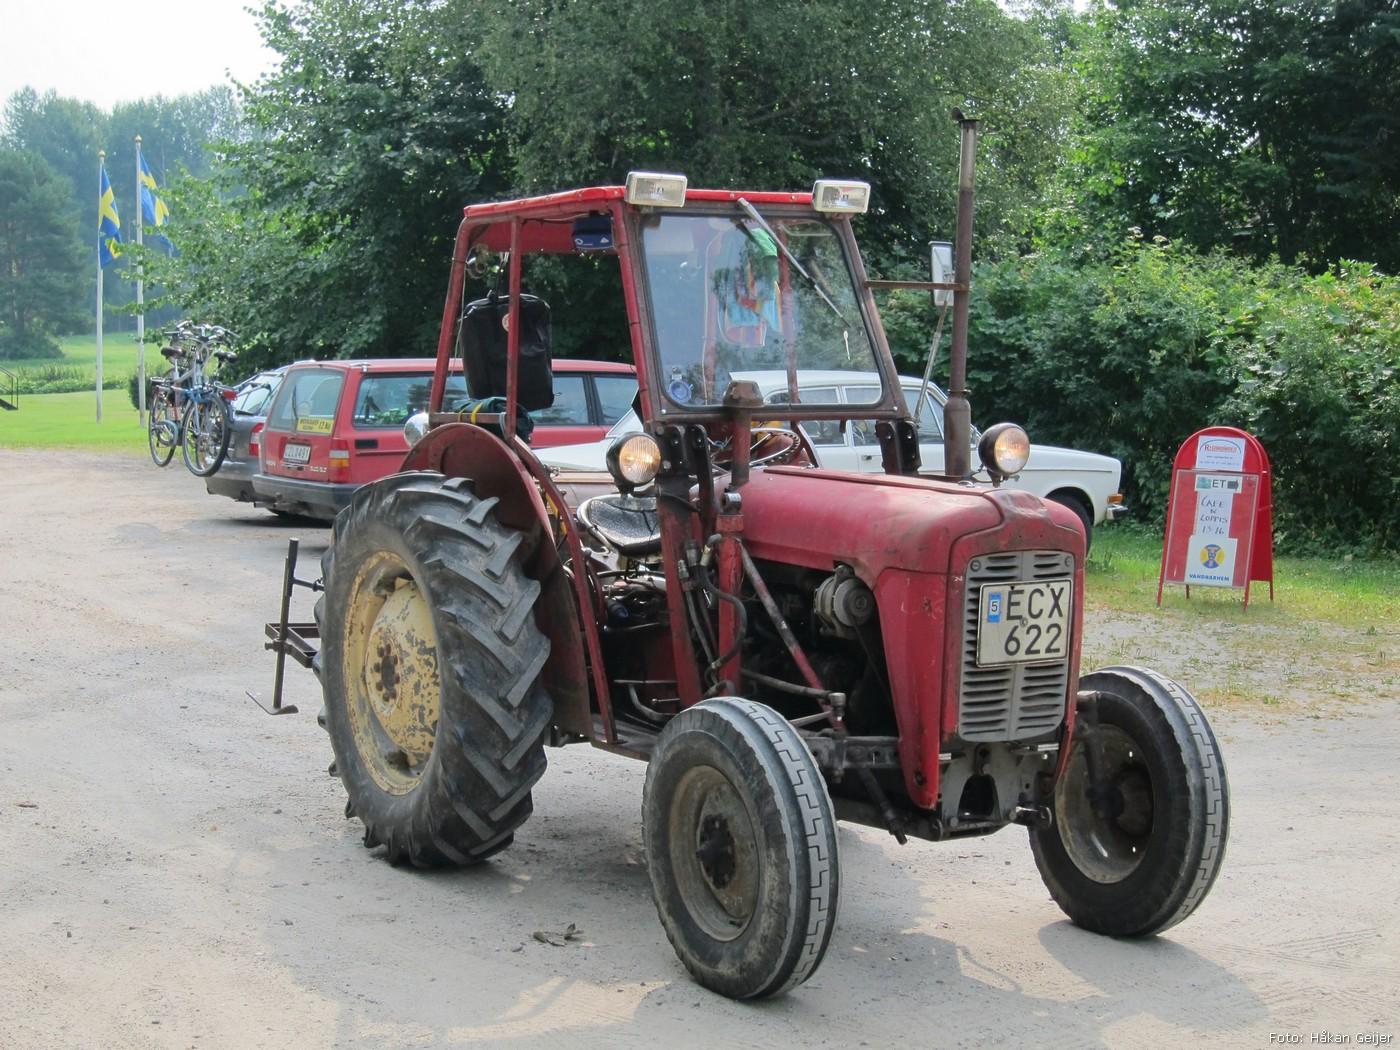 2012-07-28_11_Traktorresa